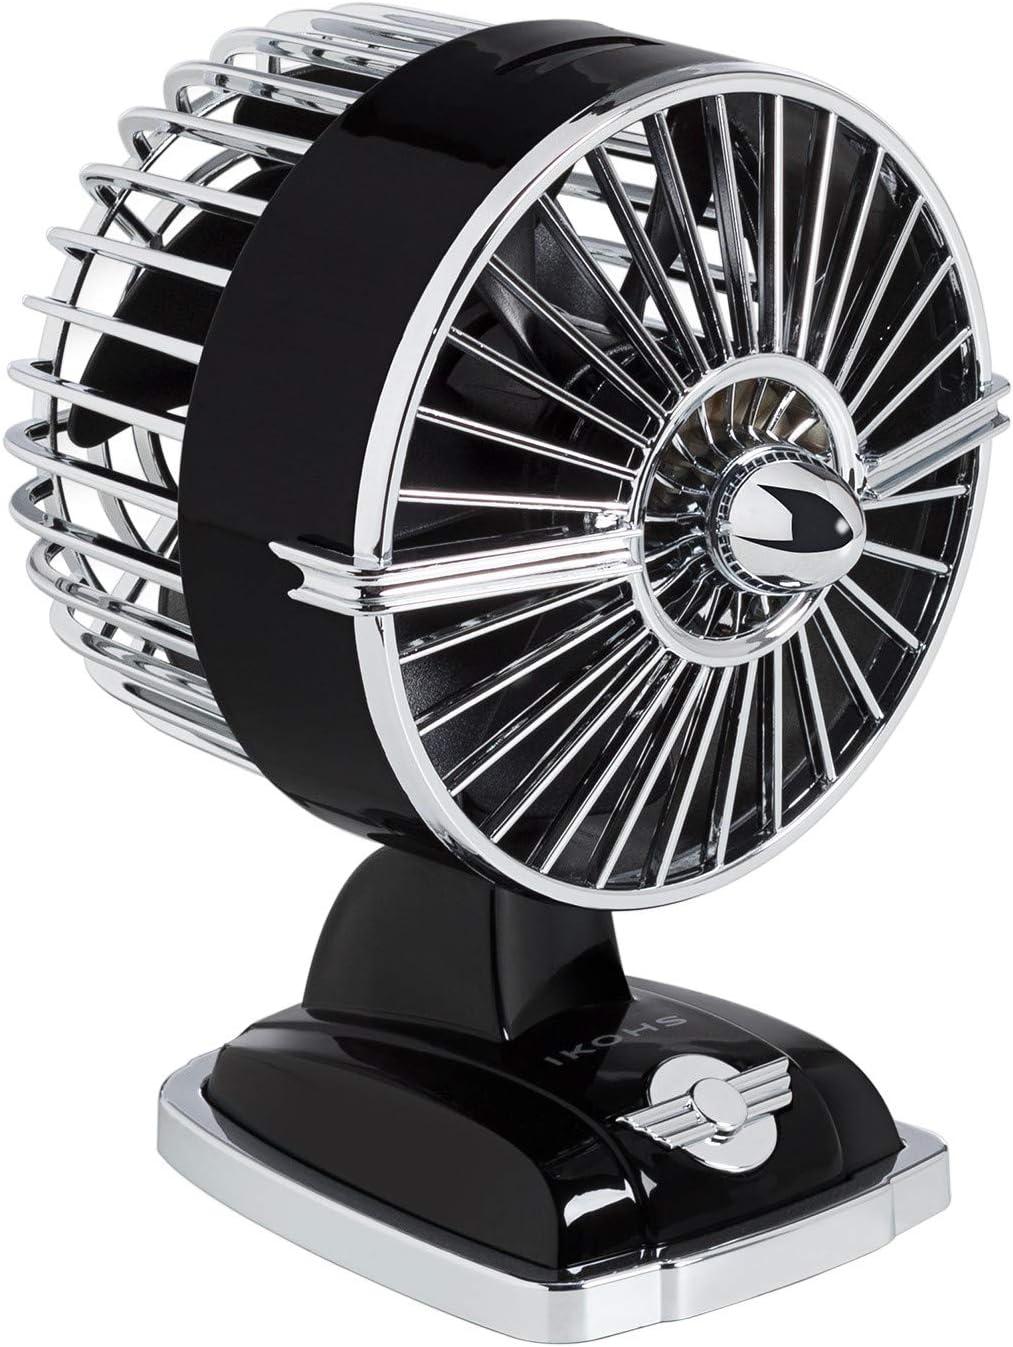 IKOHS Ventilador de Mesa Retro Line VT1511-IK USB 1.5W Negro - (Elige Color)